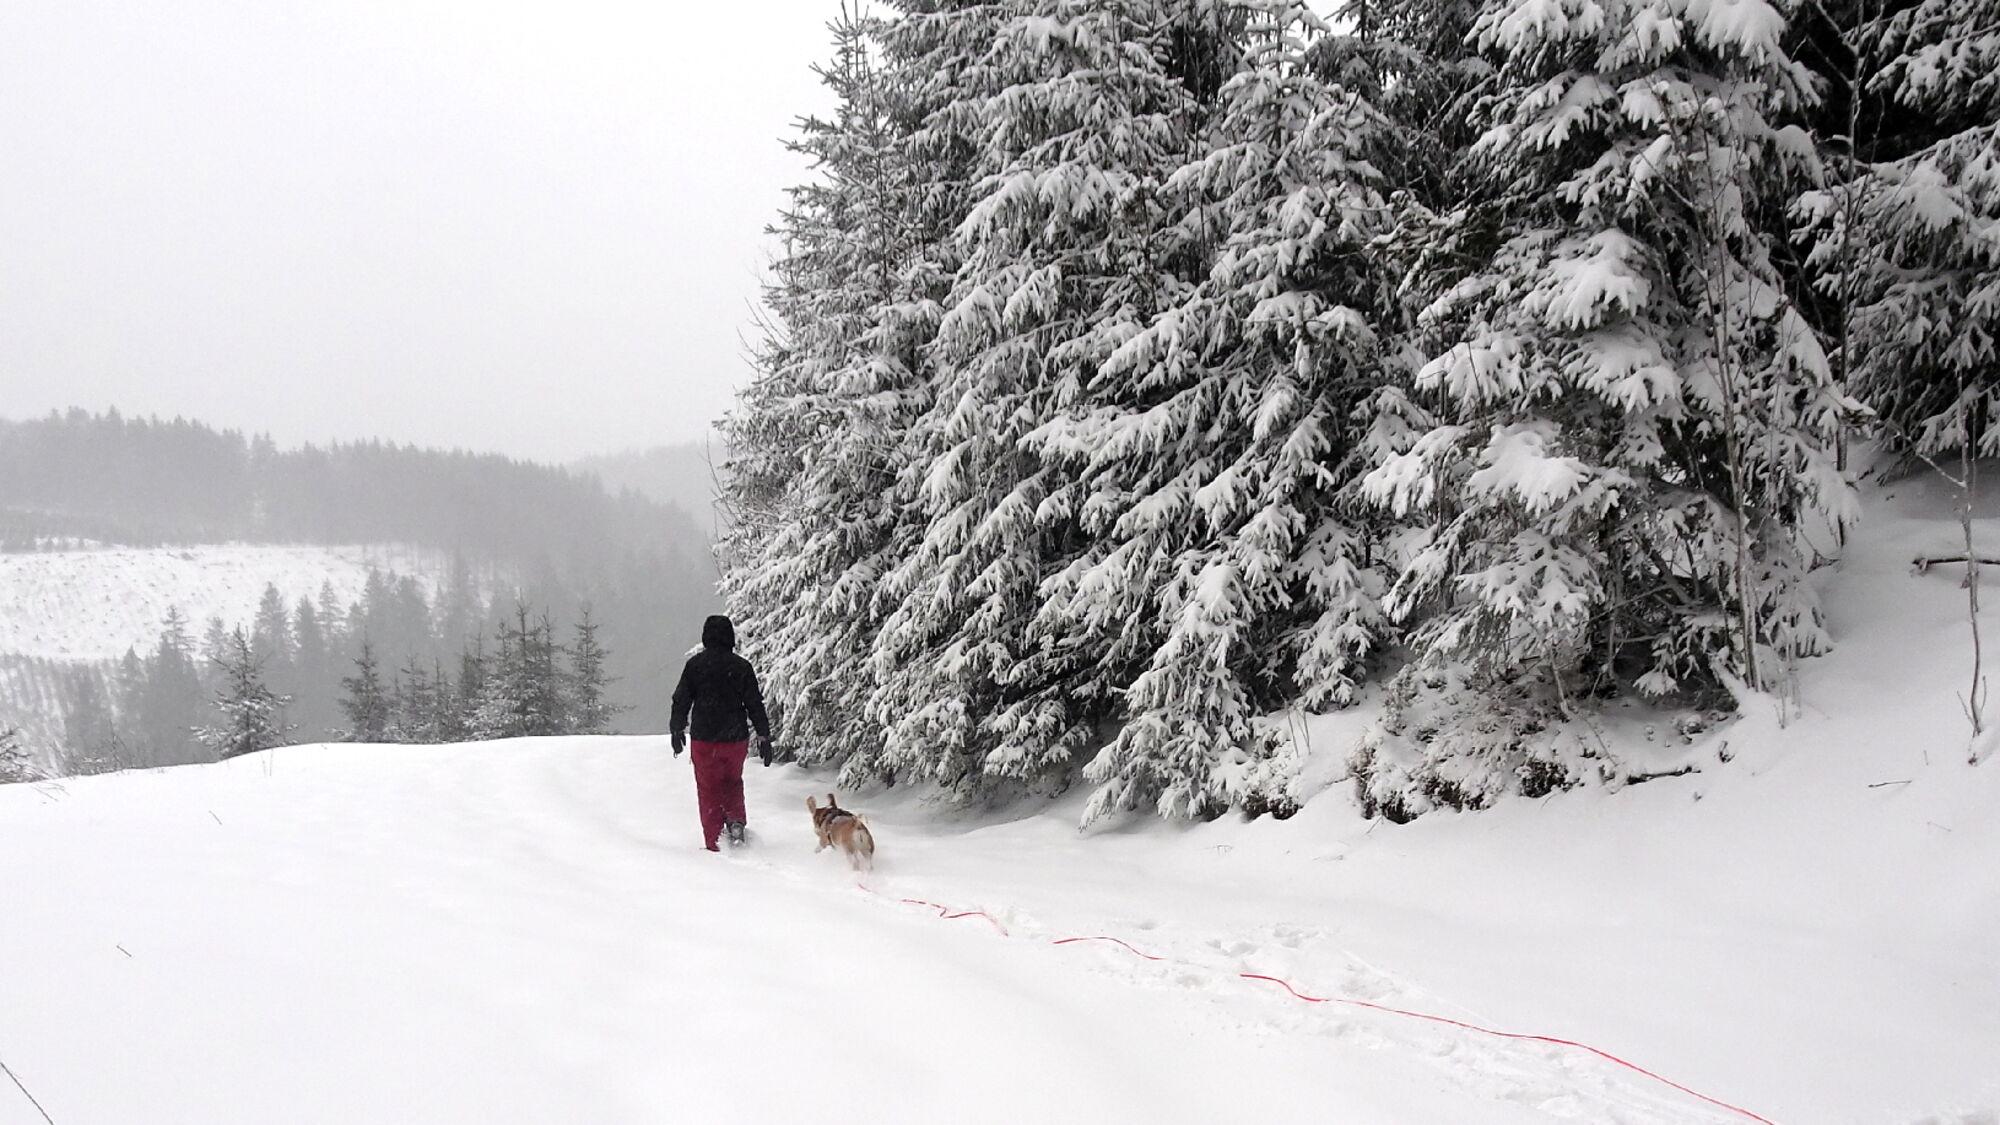 Aktuell Massen an Schnee im Sauerland - hier in Neuastenberg bei Winterberg